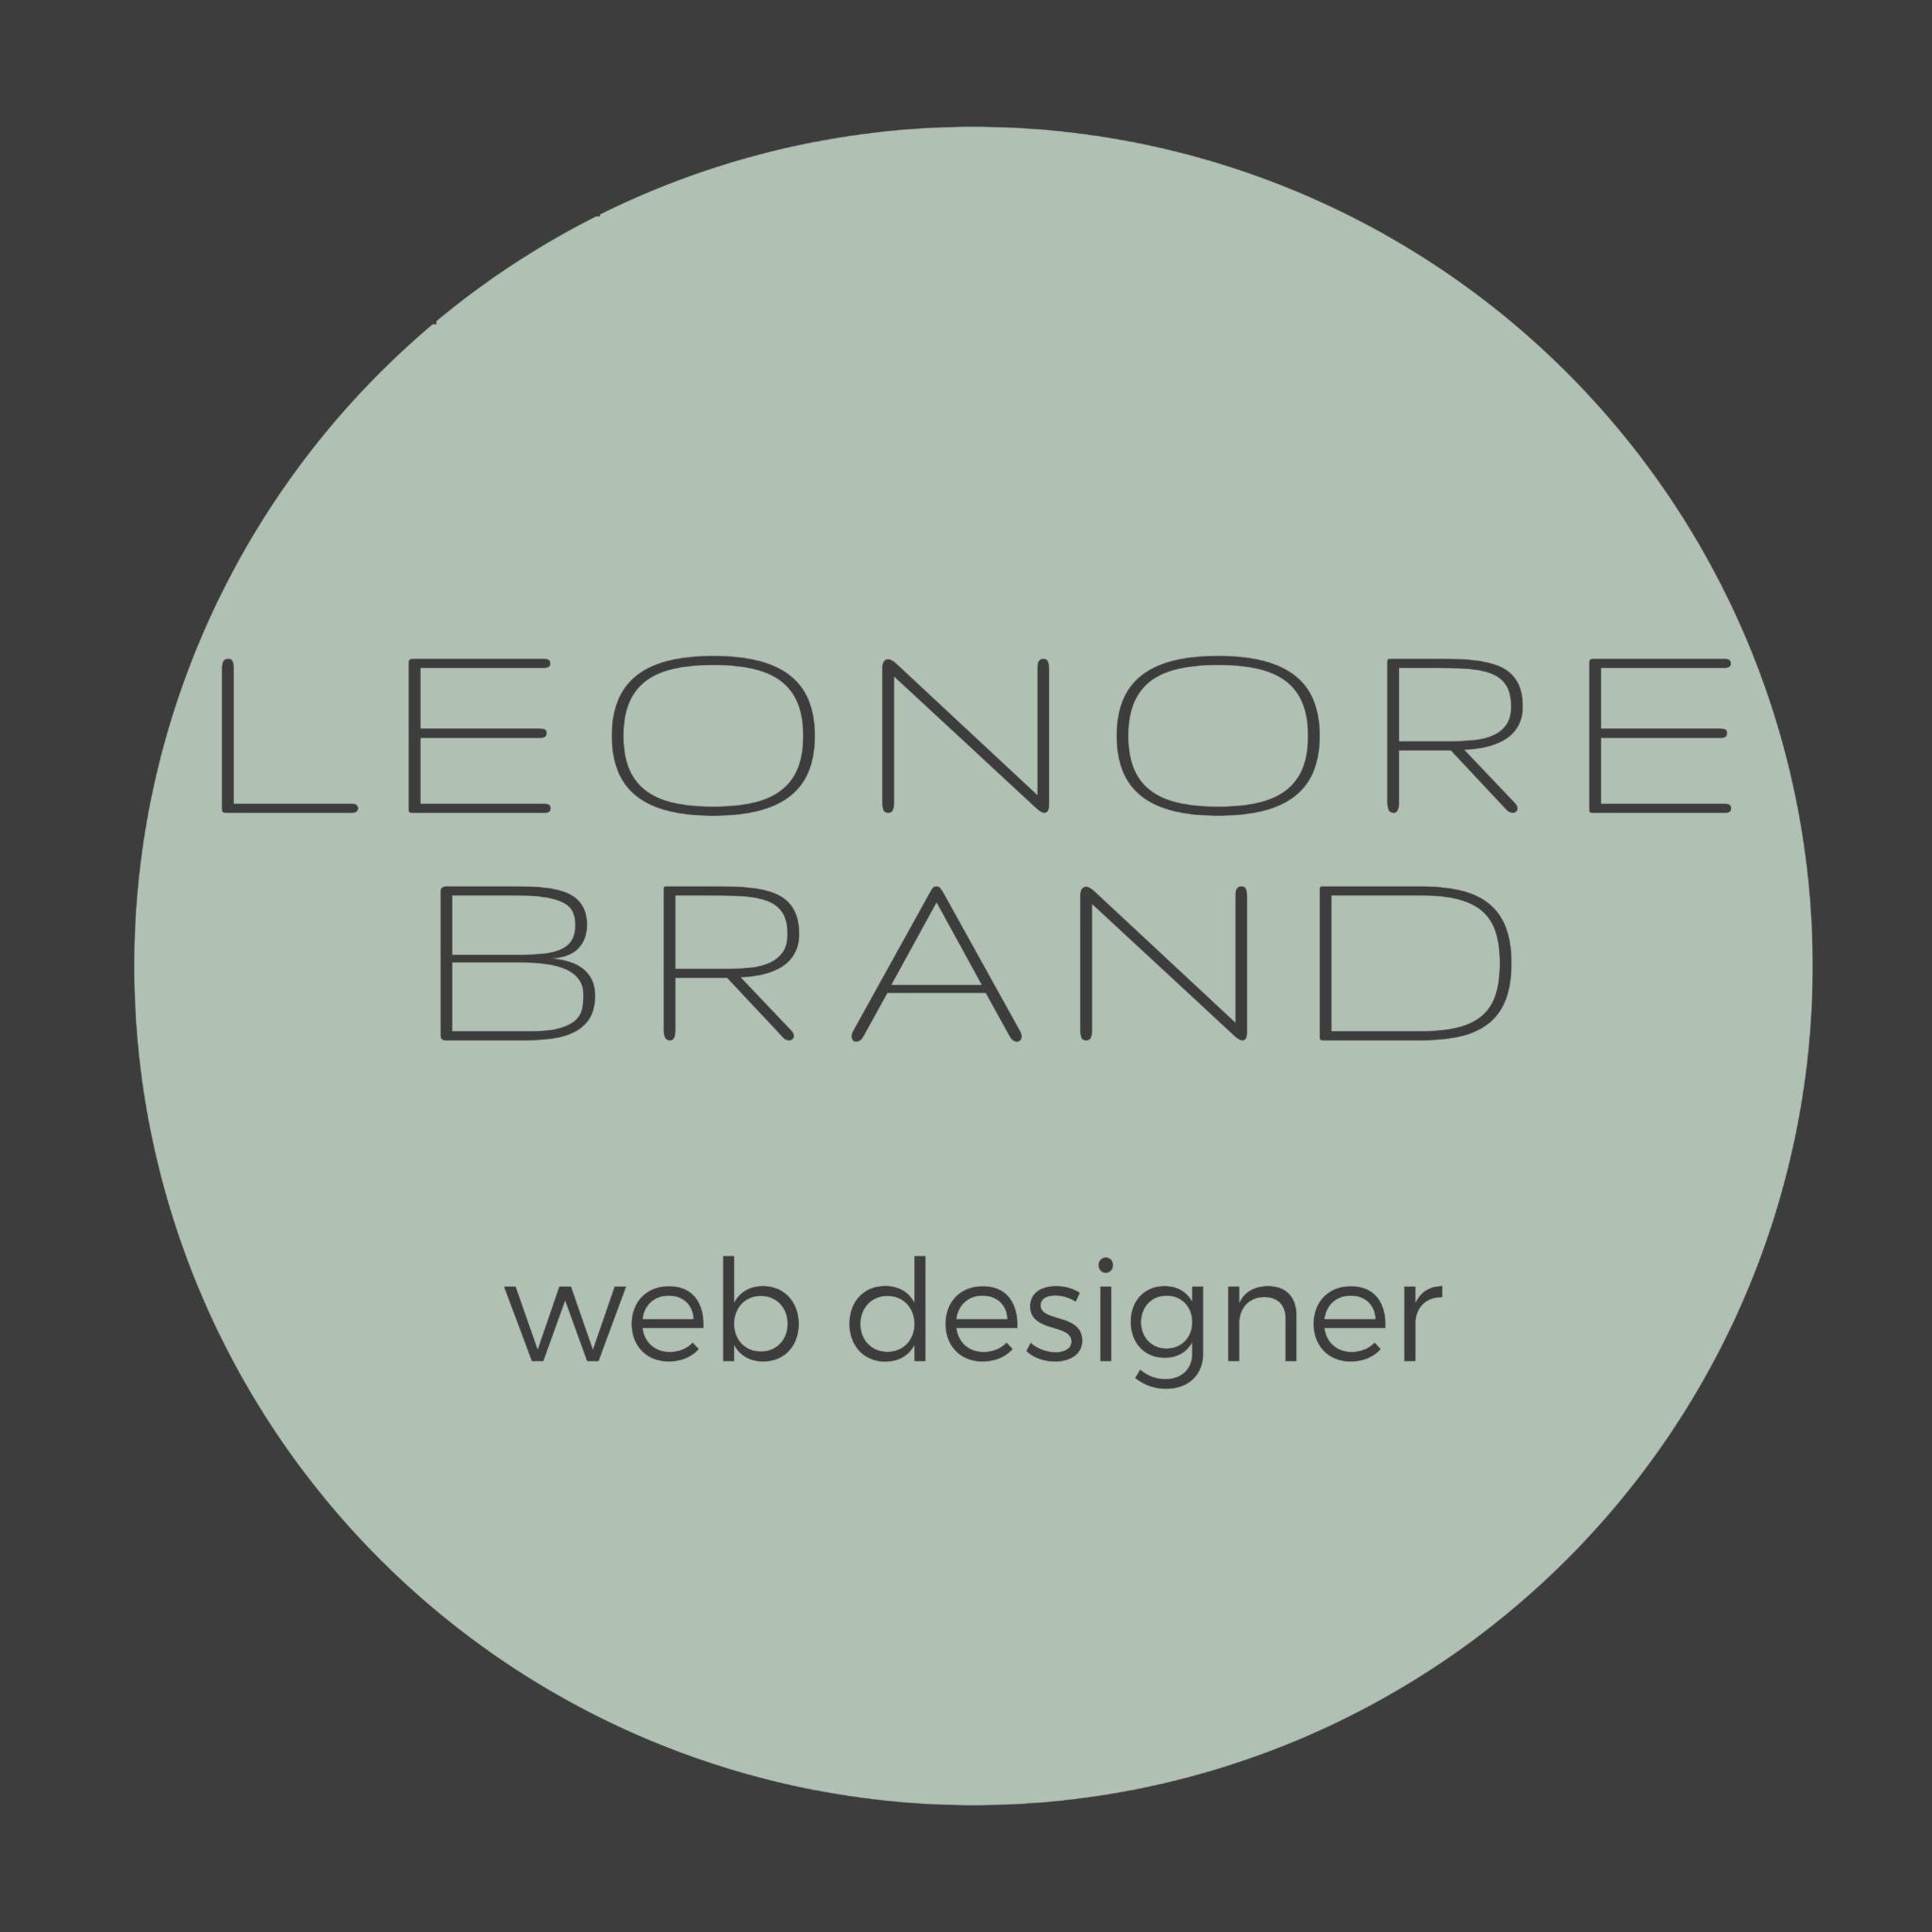 Leonore Brand